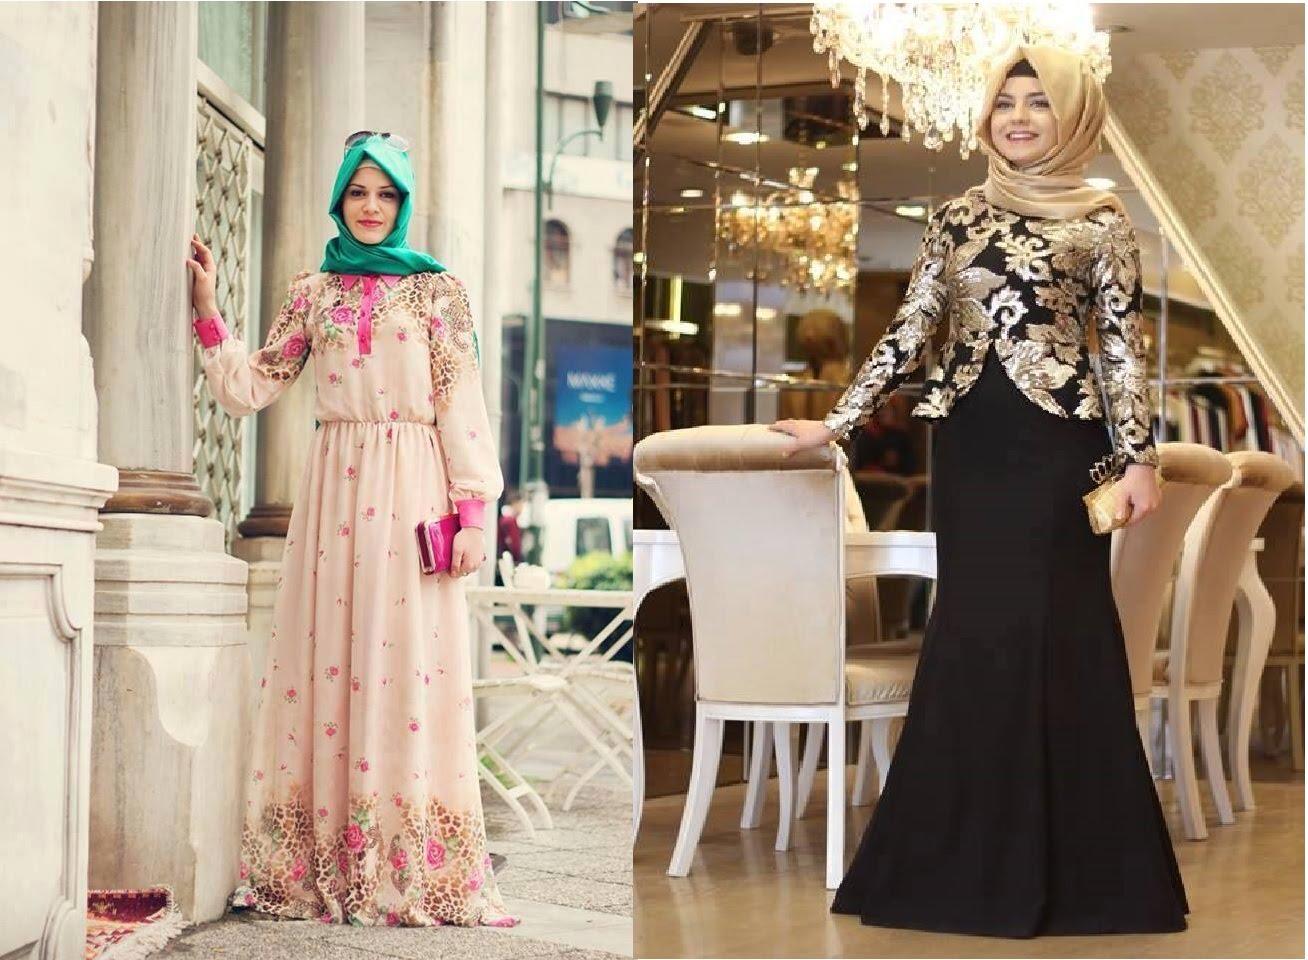 788ab4457 ملابس محجبات تركية , ثياب تركي يناسب الحجاب - معنى الحب